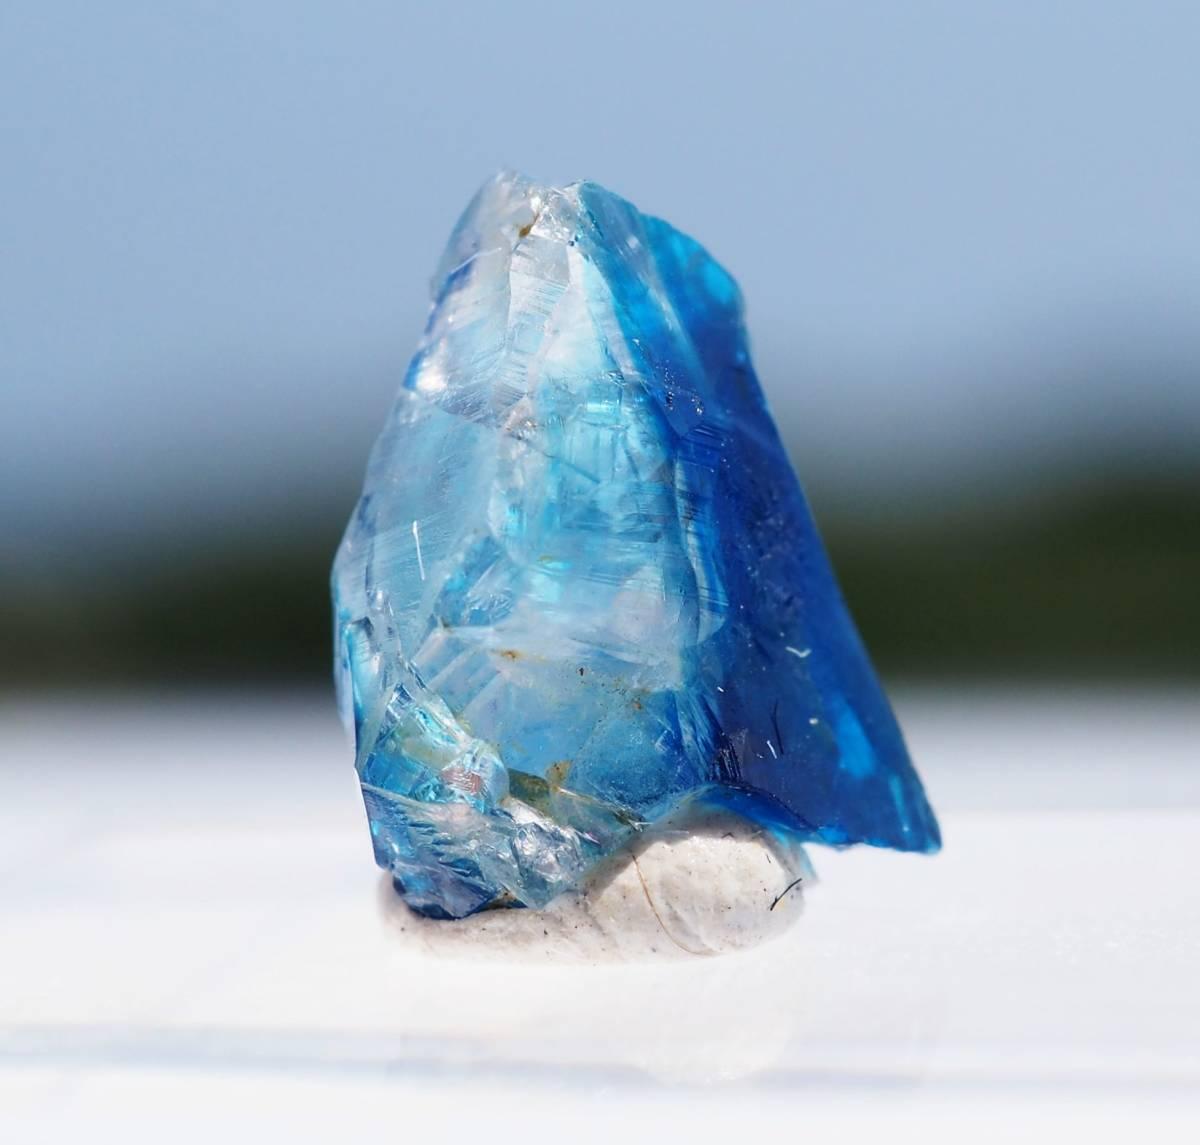 宝石質 ジンバブエ産 ユークレース ハイグレード 深く透明なブルーライン_画像4